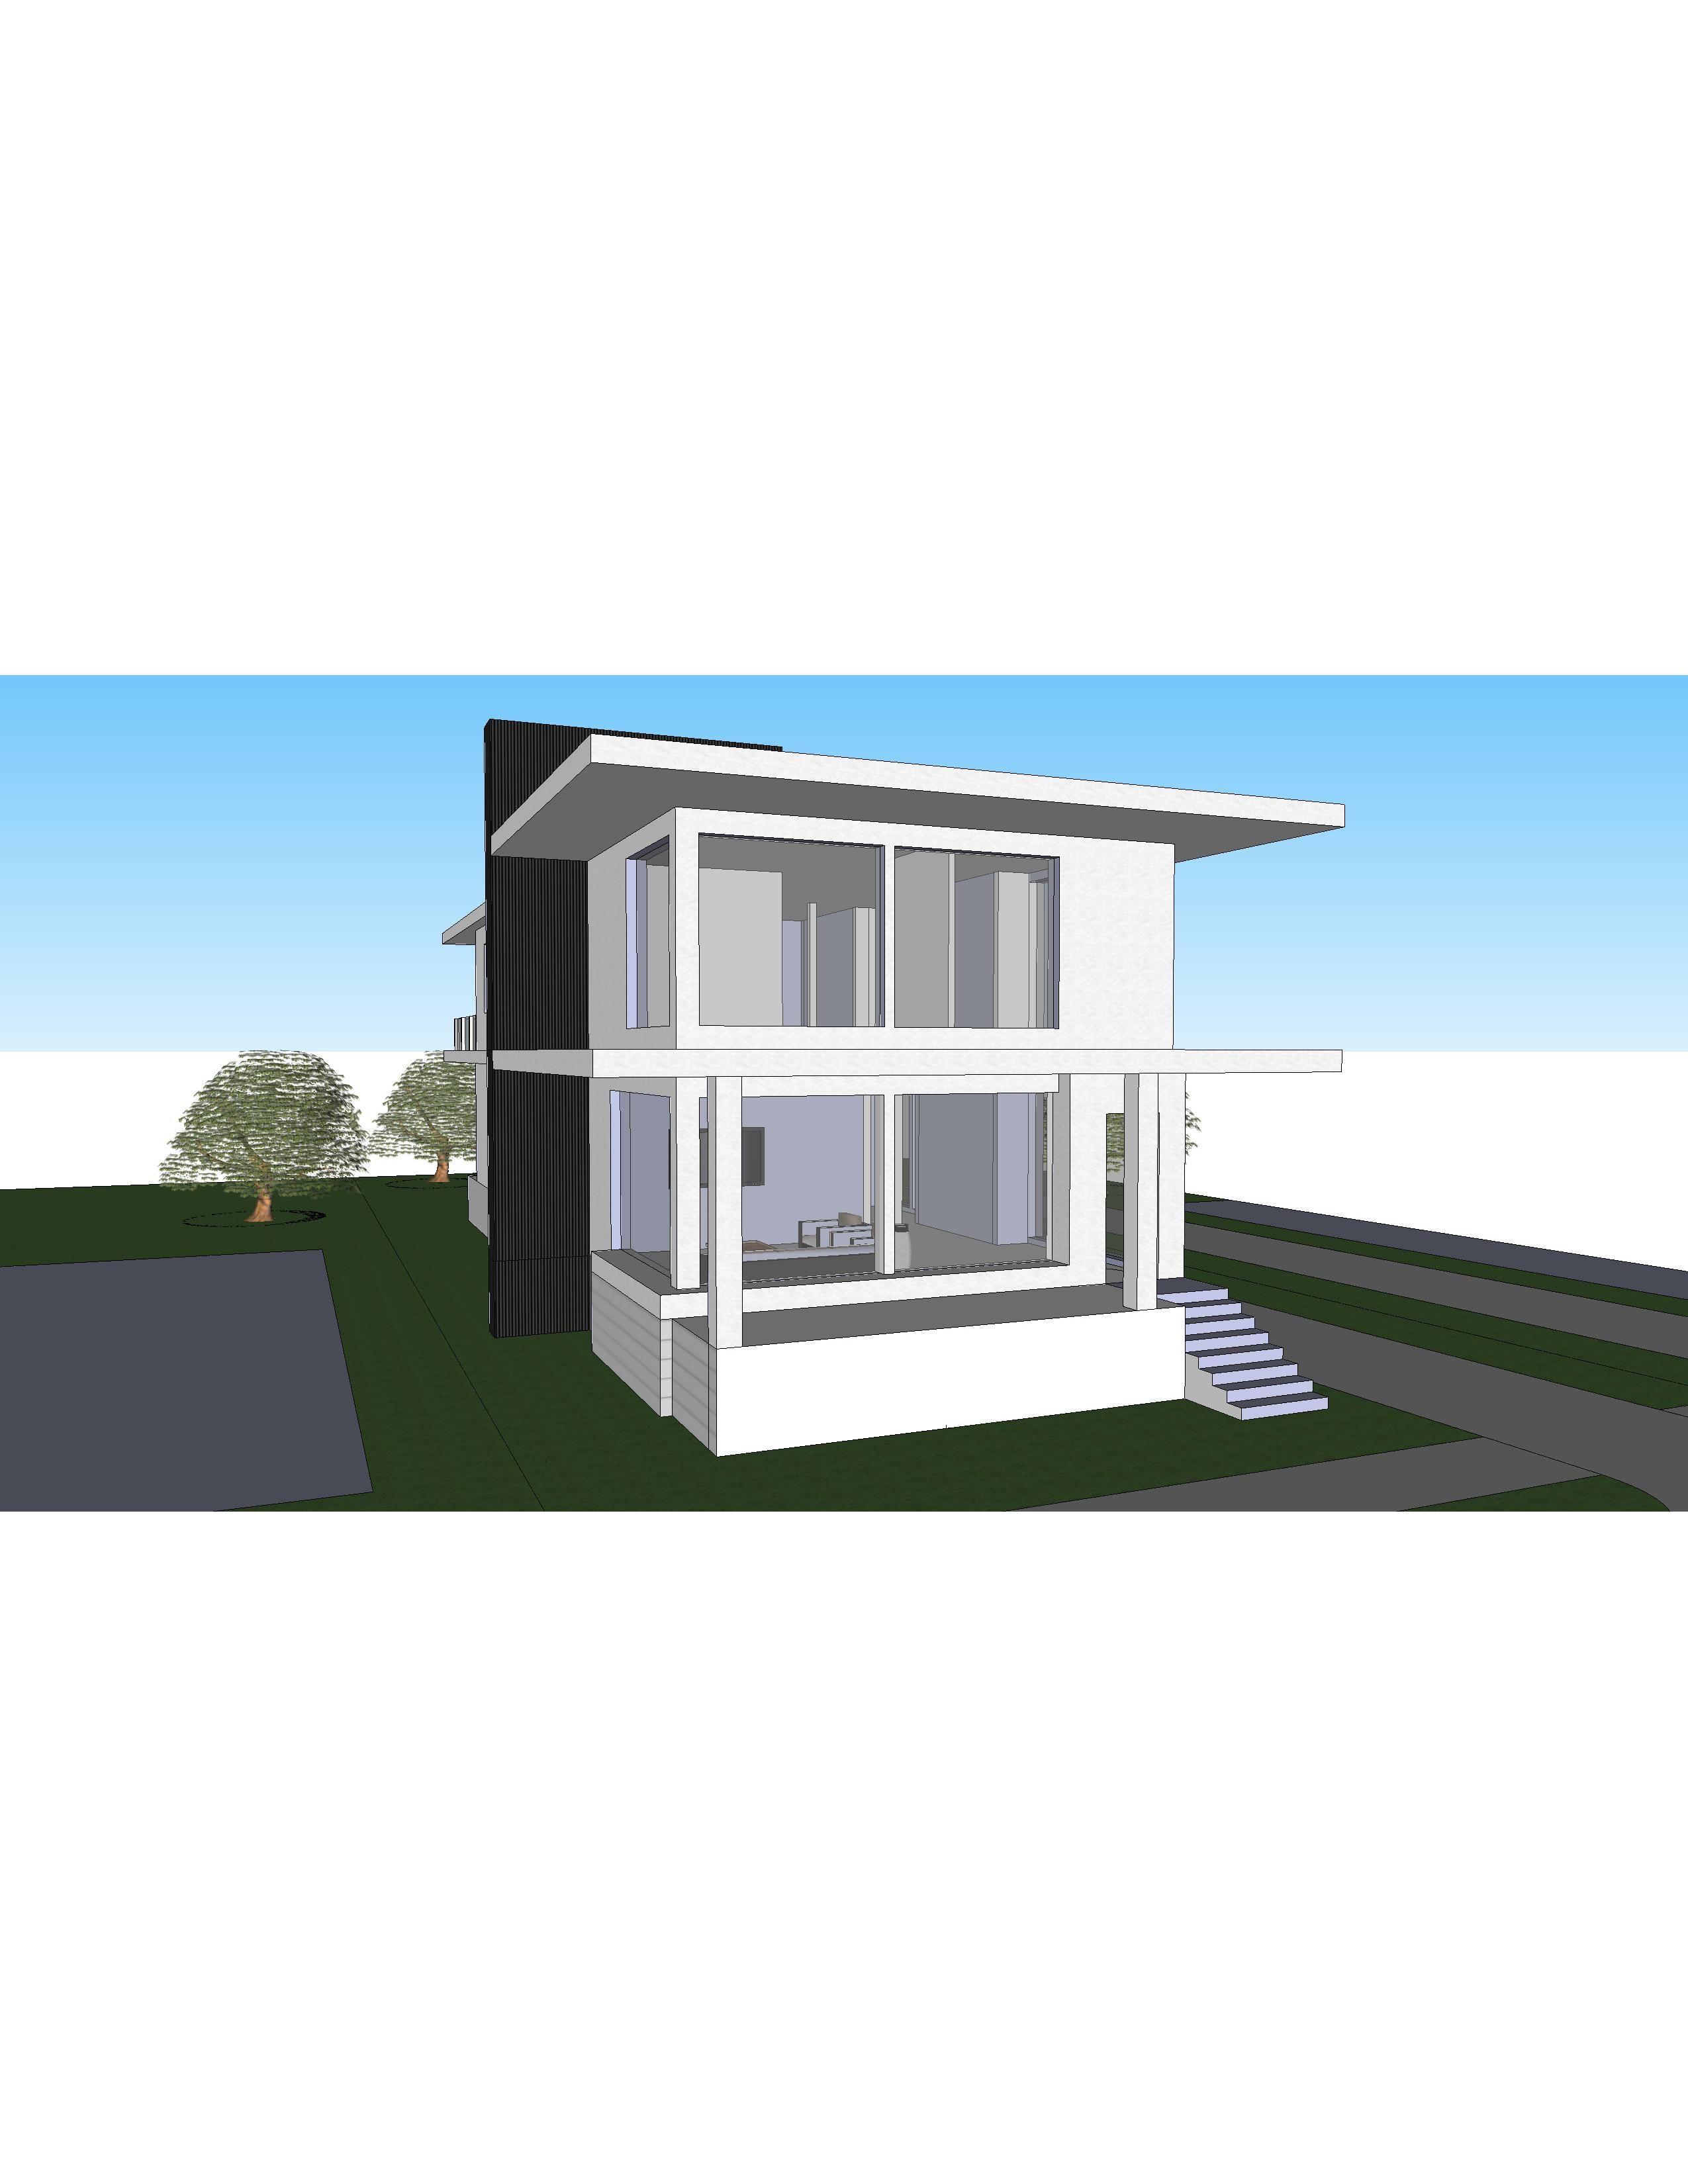 Granny Duplex: Sketchup Model